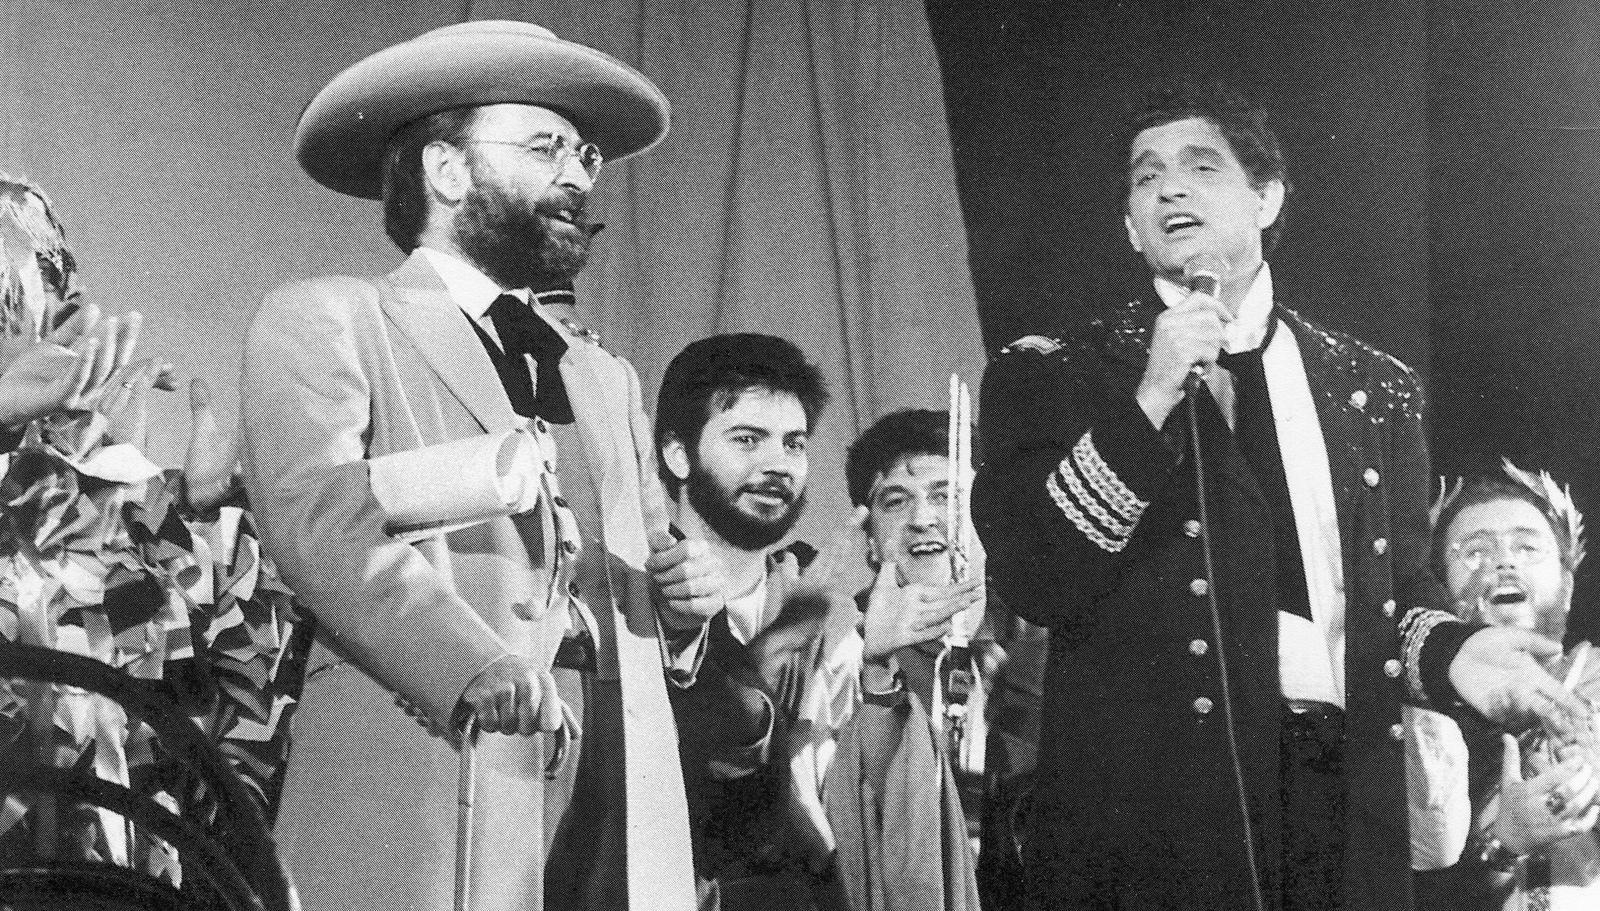 Carlos Cano y Antonio Burgos en el pregón de 1988 del Carnaval de Cádiz | carloscano.es